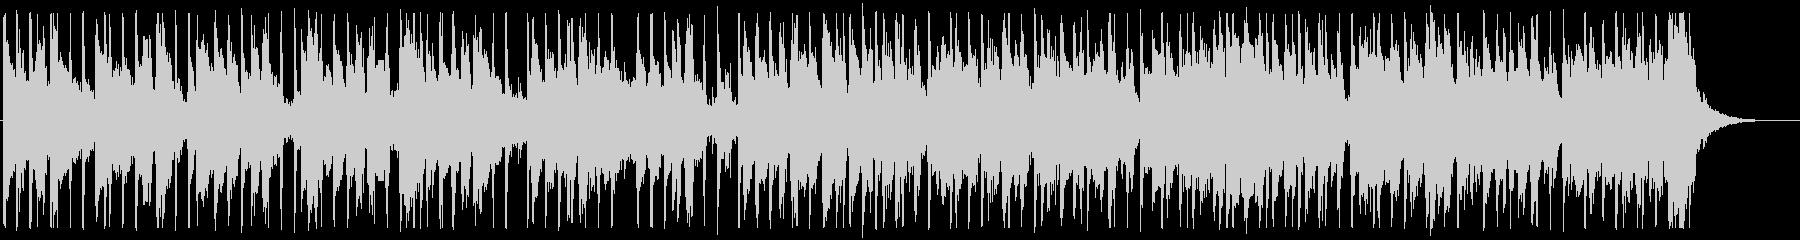 涼しげな夏のカフェBGM_No584_3の未再生の波形